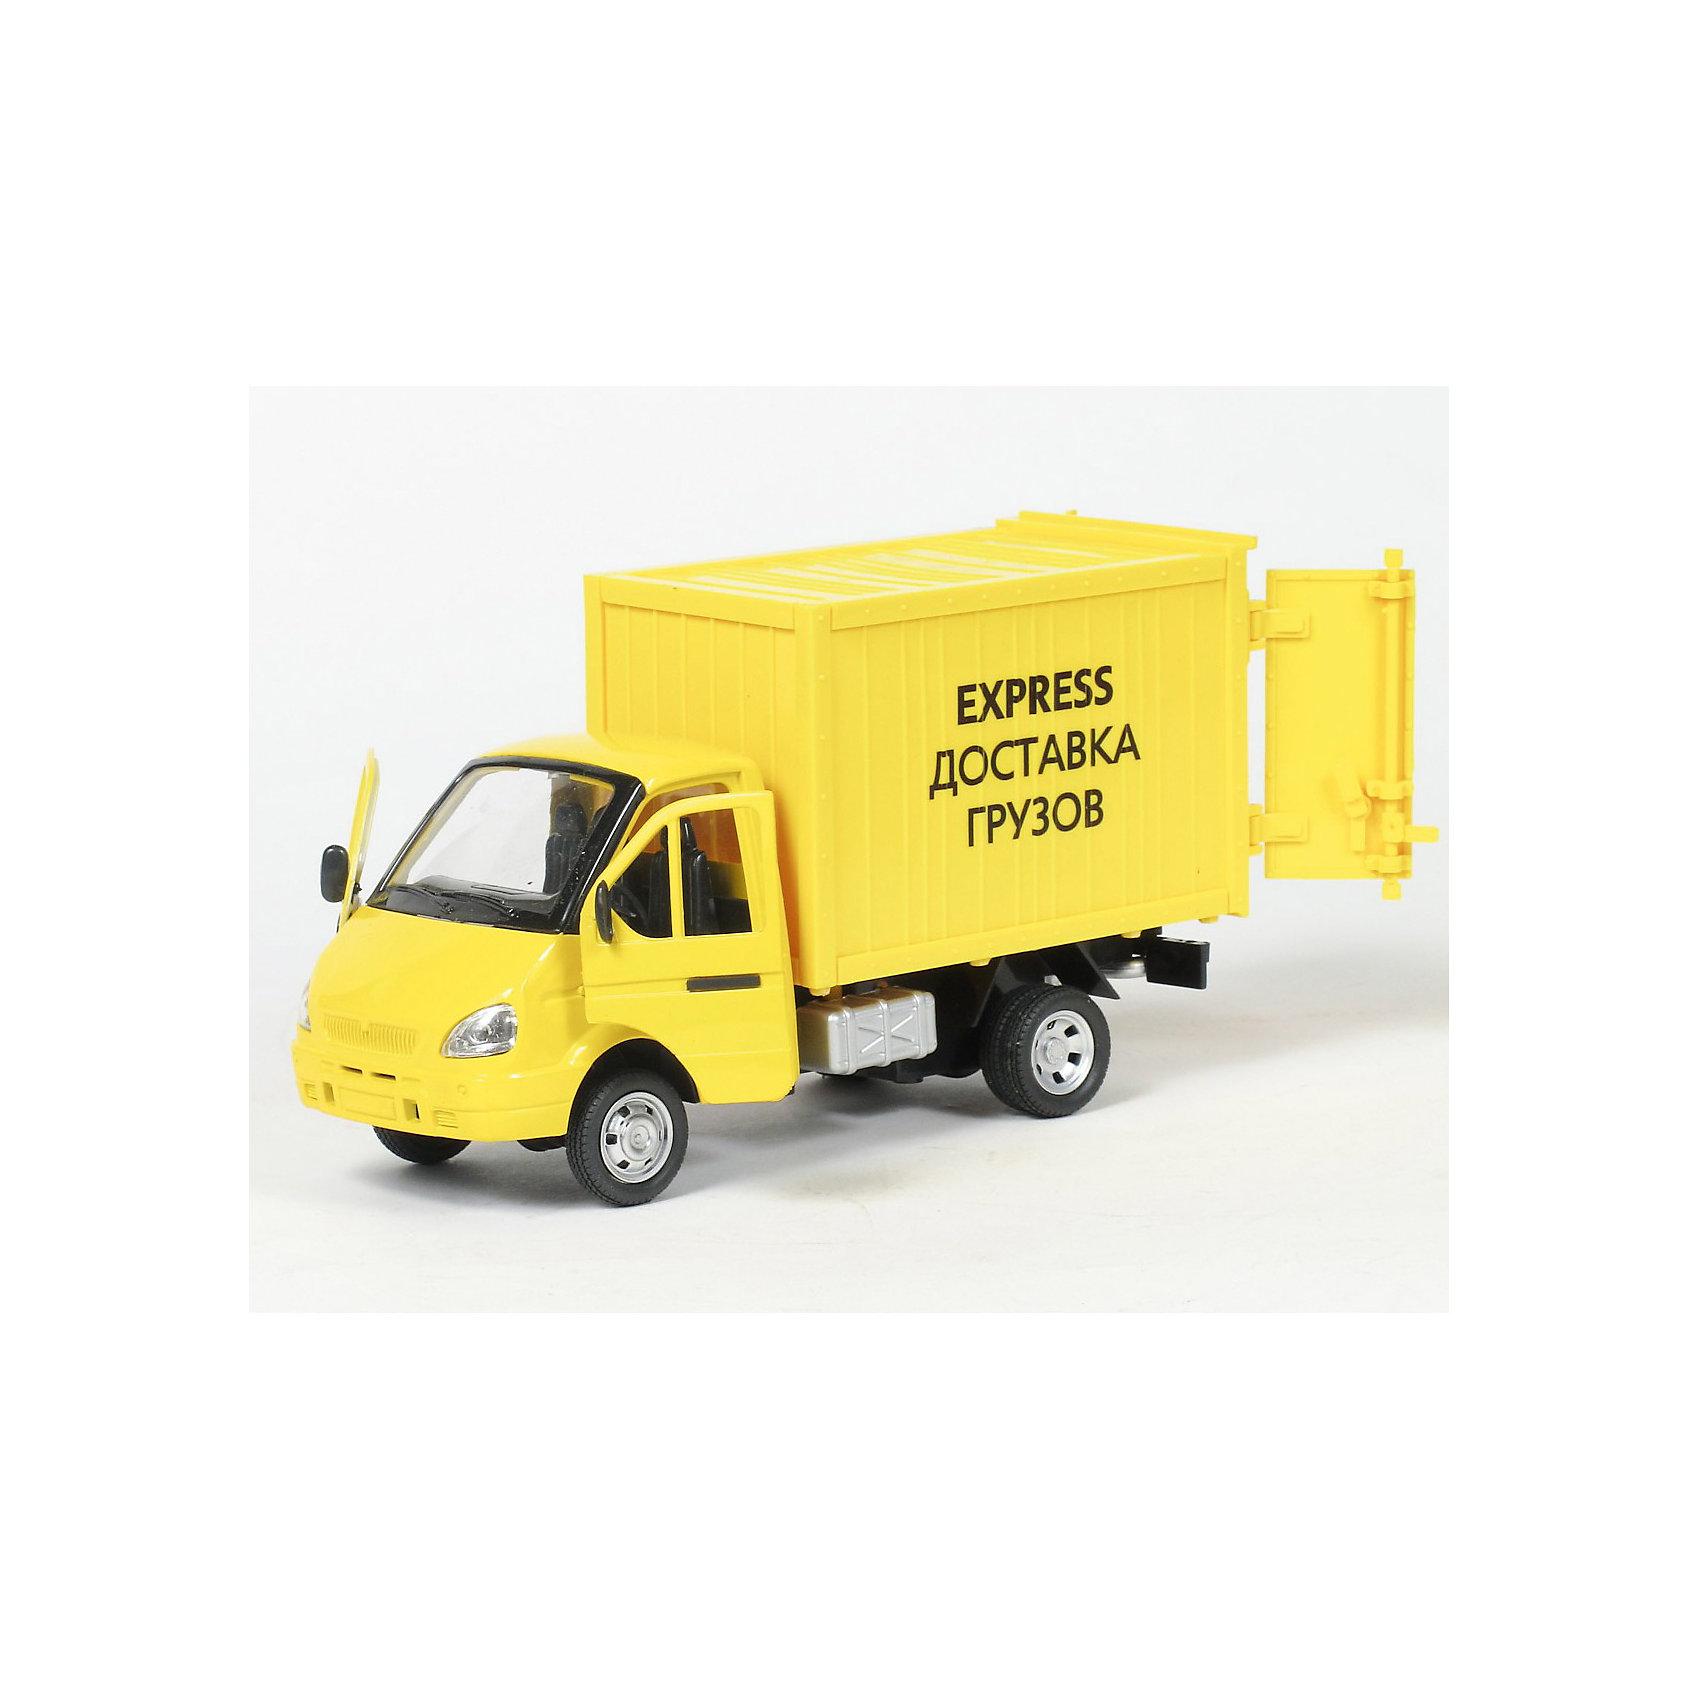 ТЕХНОПАРК Машина Газель-фургон Доставка грузовМашинки<br>Интересная инерционная игрушка - реалистичная копия грузовой машины- газели.  Со световыми и звуковыми эффектами, с открывающимися (подвижными) элементами - эта игрушка наверняка понравится юному любителю автотранспорта и займет достойное место в домашней коллекции.<br><br>ТЕХНОПАРК - российский бренд, под которым разрабатываются и выпускаются качественные современные игрушки для мальчиков.  Прежде всего, это копии моделей реальных технических средств: автомобилей, самолетов и вертолетов, военной и гражданской техники. Довольно часто - это игрушки с звуковыми и световыми эффектами и разнообразными подвижнымиэлементами. Тщательная проработка каждой детали этих игрушек позволяет говорить о них также как о ценных моделях, которые могут занять достойное место на полках коллекционеров. Инерционный механизм, открываются двери фургона и  передние двери, съёмный тент. Свет и звук.По лицензии ОАО ГАЗ<br><br>Ширина мм: 110<br>Глубина мм: 240<br>Высота мм: 140<br>Вес г: 480<br>Возраст от месяцев: 18<br>Возраст до месяцев: 1188<br>Пол: Мужской<br>Возраст: Детский<br>SKU: 3261695